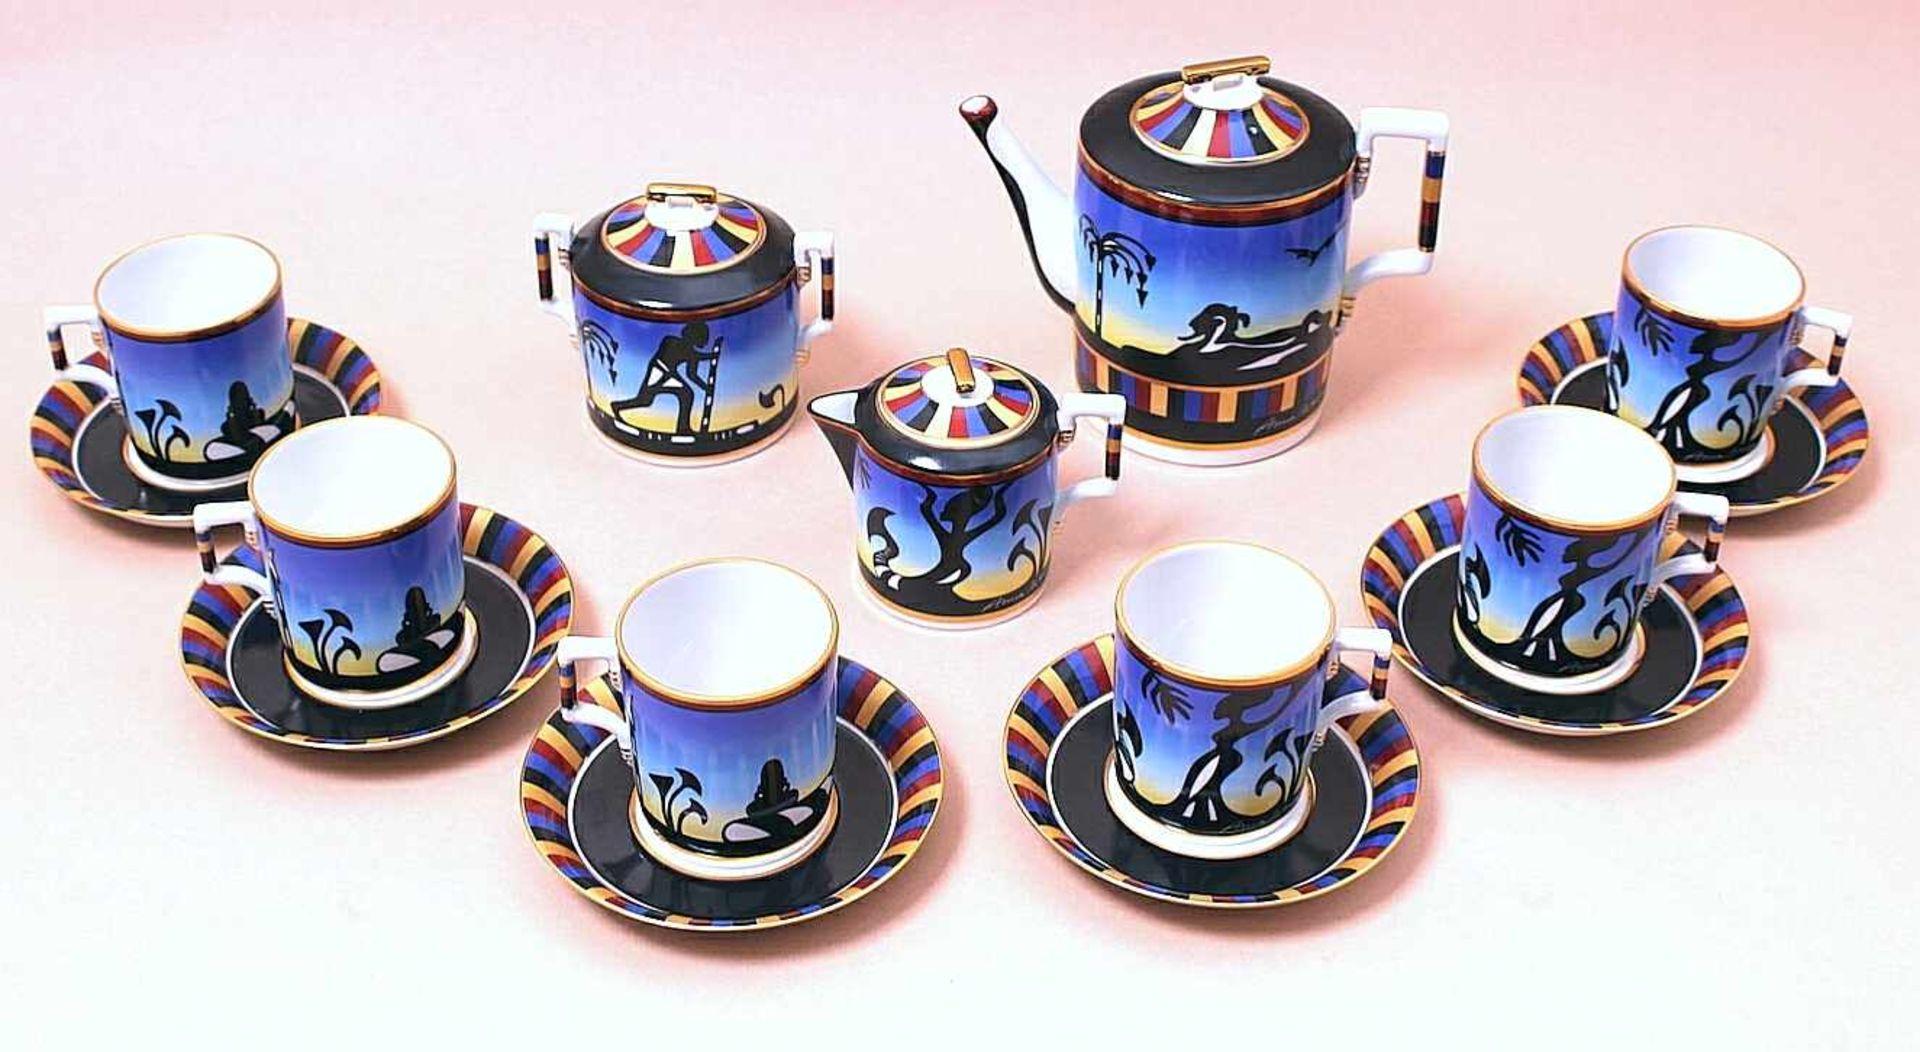 """Los 2 - Teeservice Teeservice """"Aida"""" wurde von Anna Netrebko persönlich entworfen und bemalt, Zertifikat"""